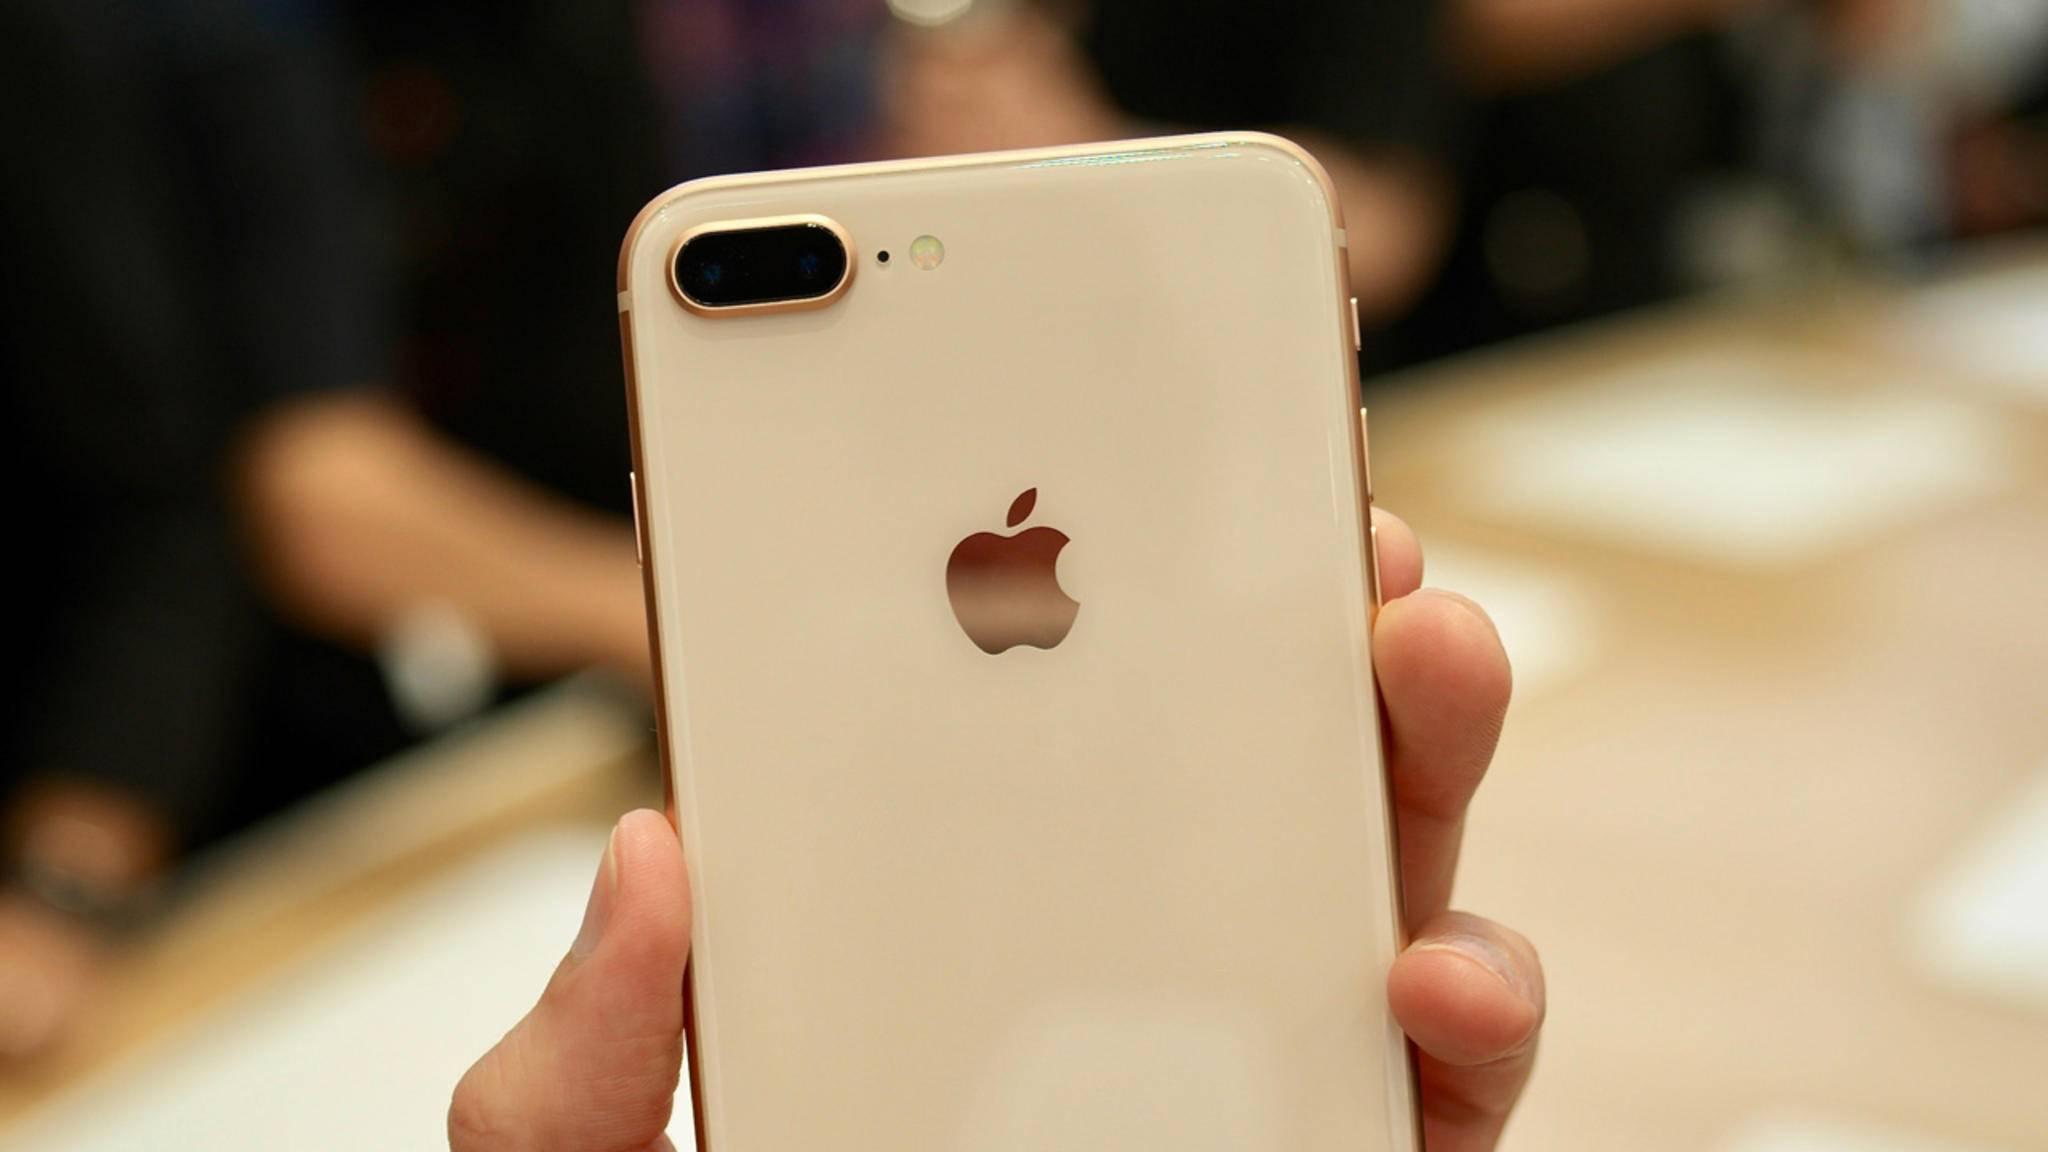 Hat das iPhone 8 Plus ein Akku-Problem? Bislang spricht noch vieles dagegen.